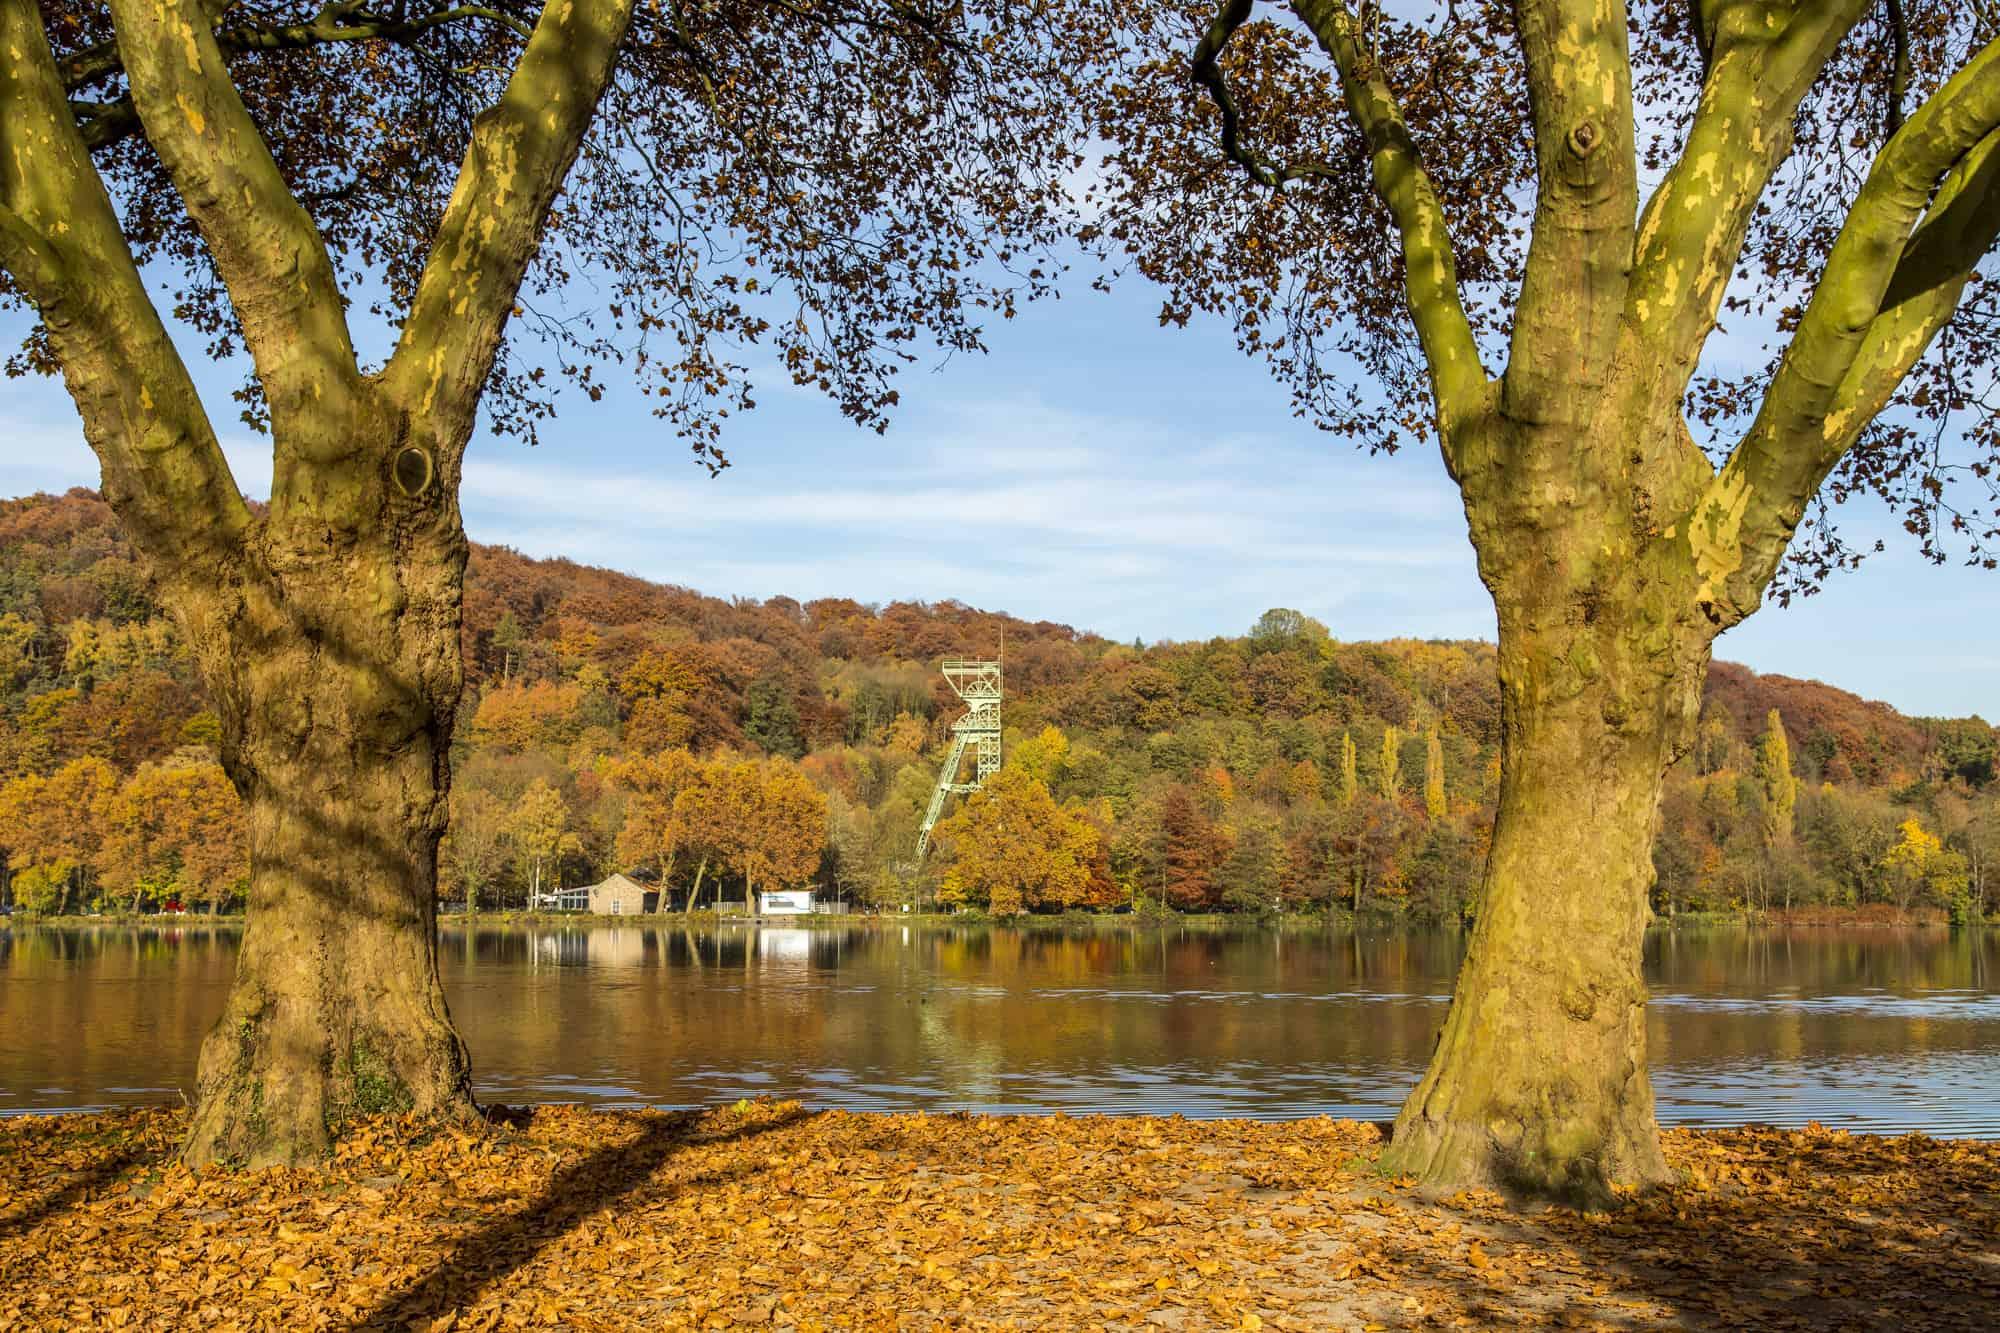 Der Baldeneysee in Essen, im Herbst, Fördergerüst der ehemaligen Zeche Carl Funke